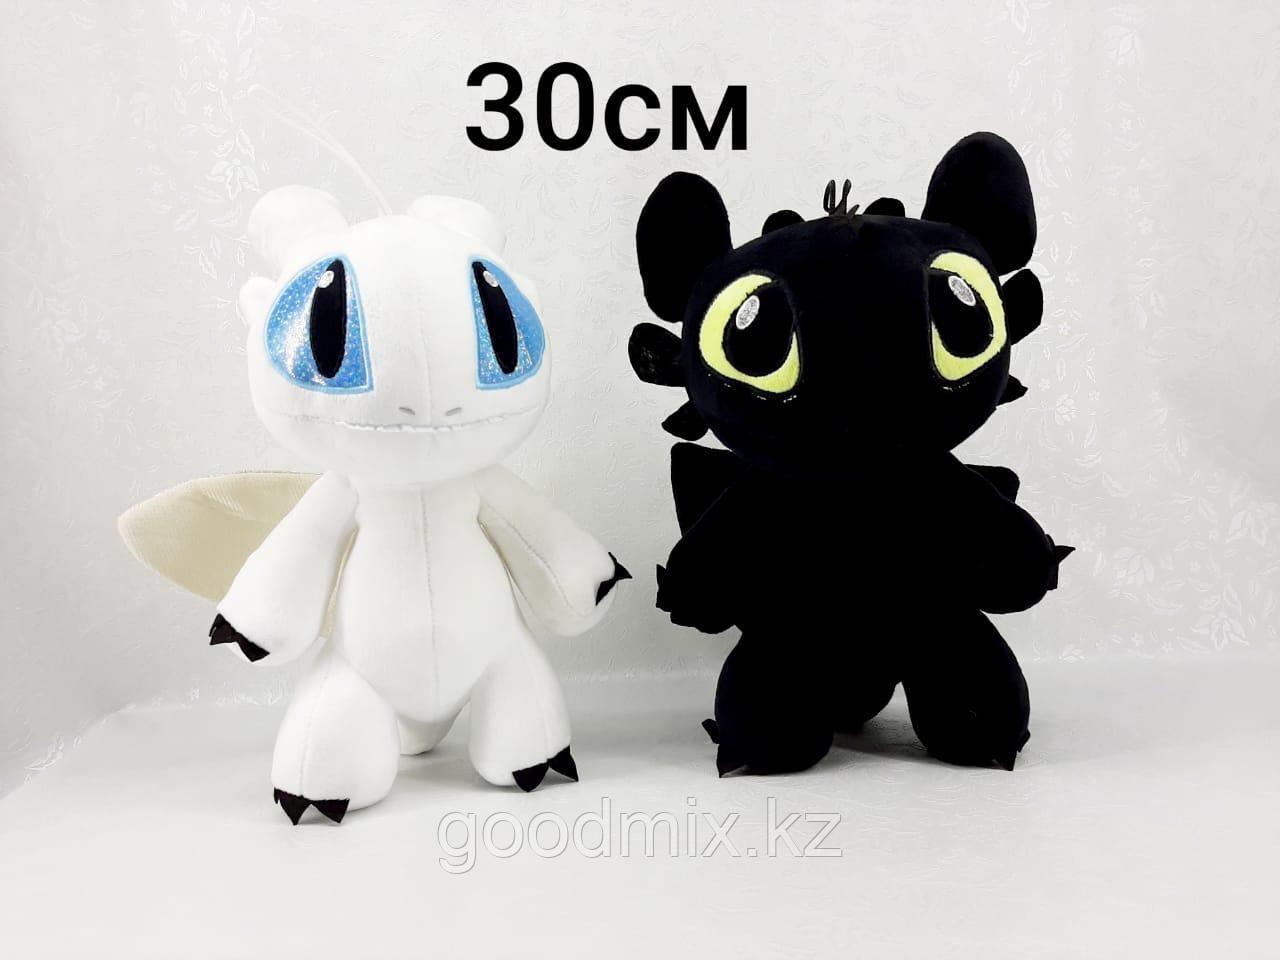 Мягкие игрушки Беззубик и Белая Фурия (Как приручить дракона) комплект 30 см